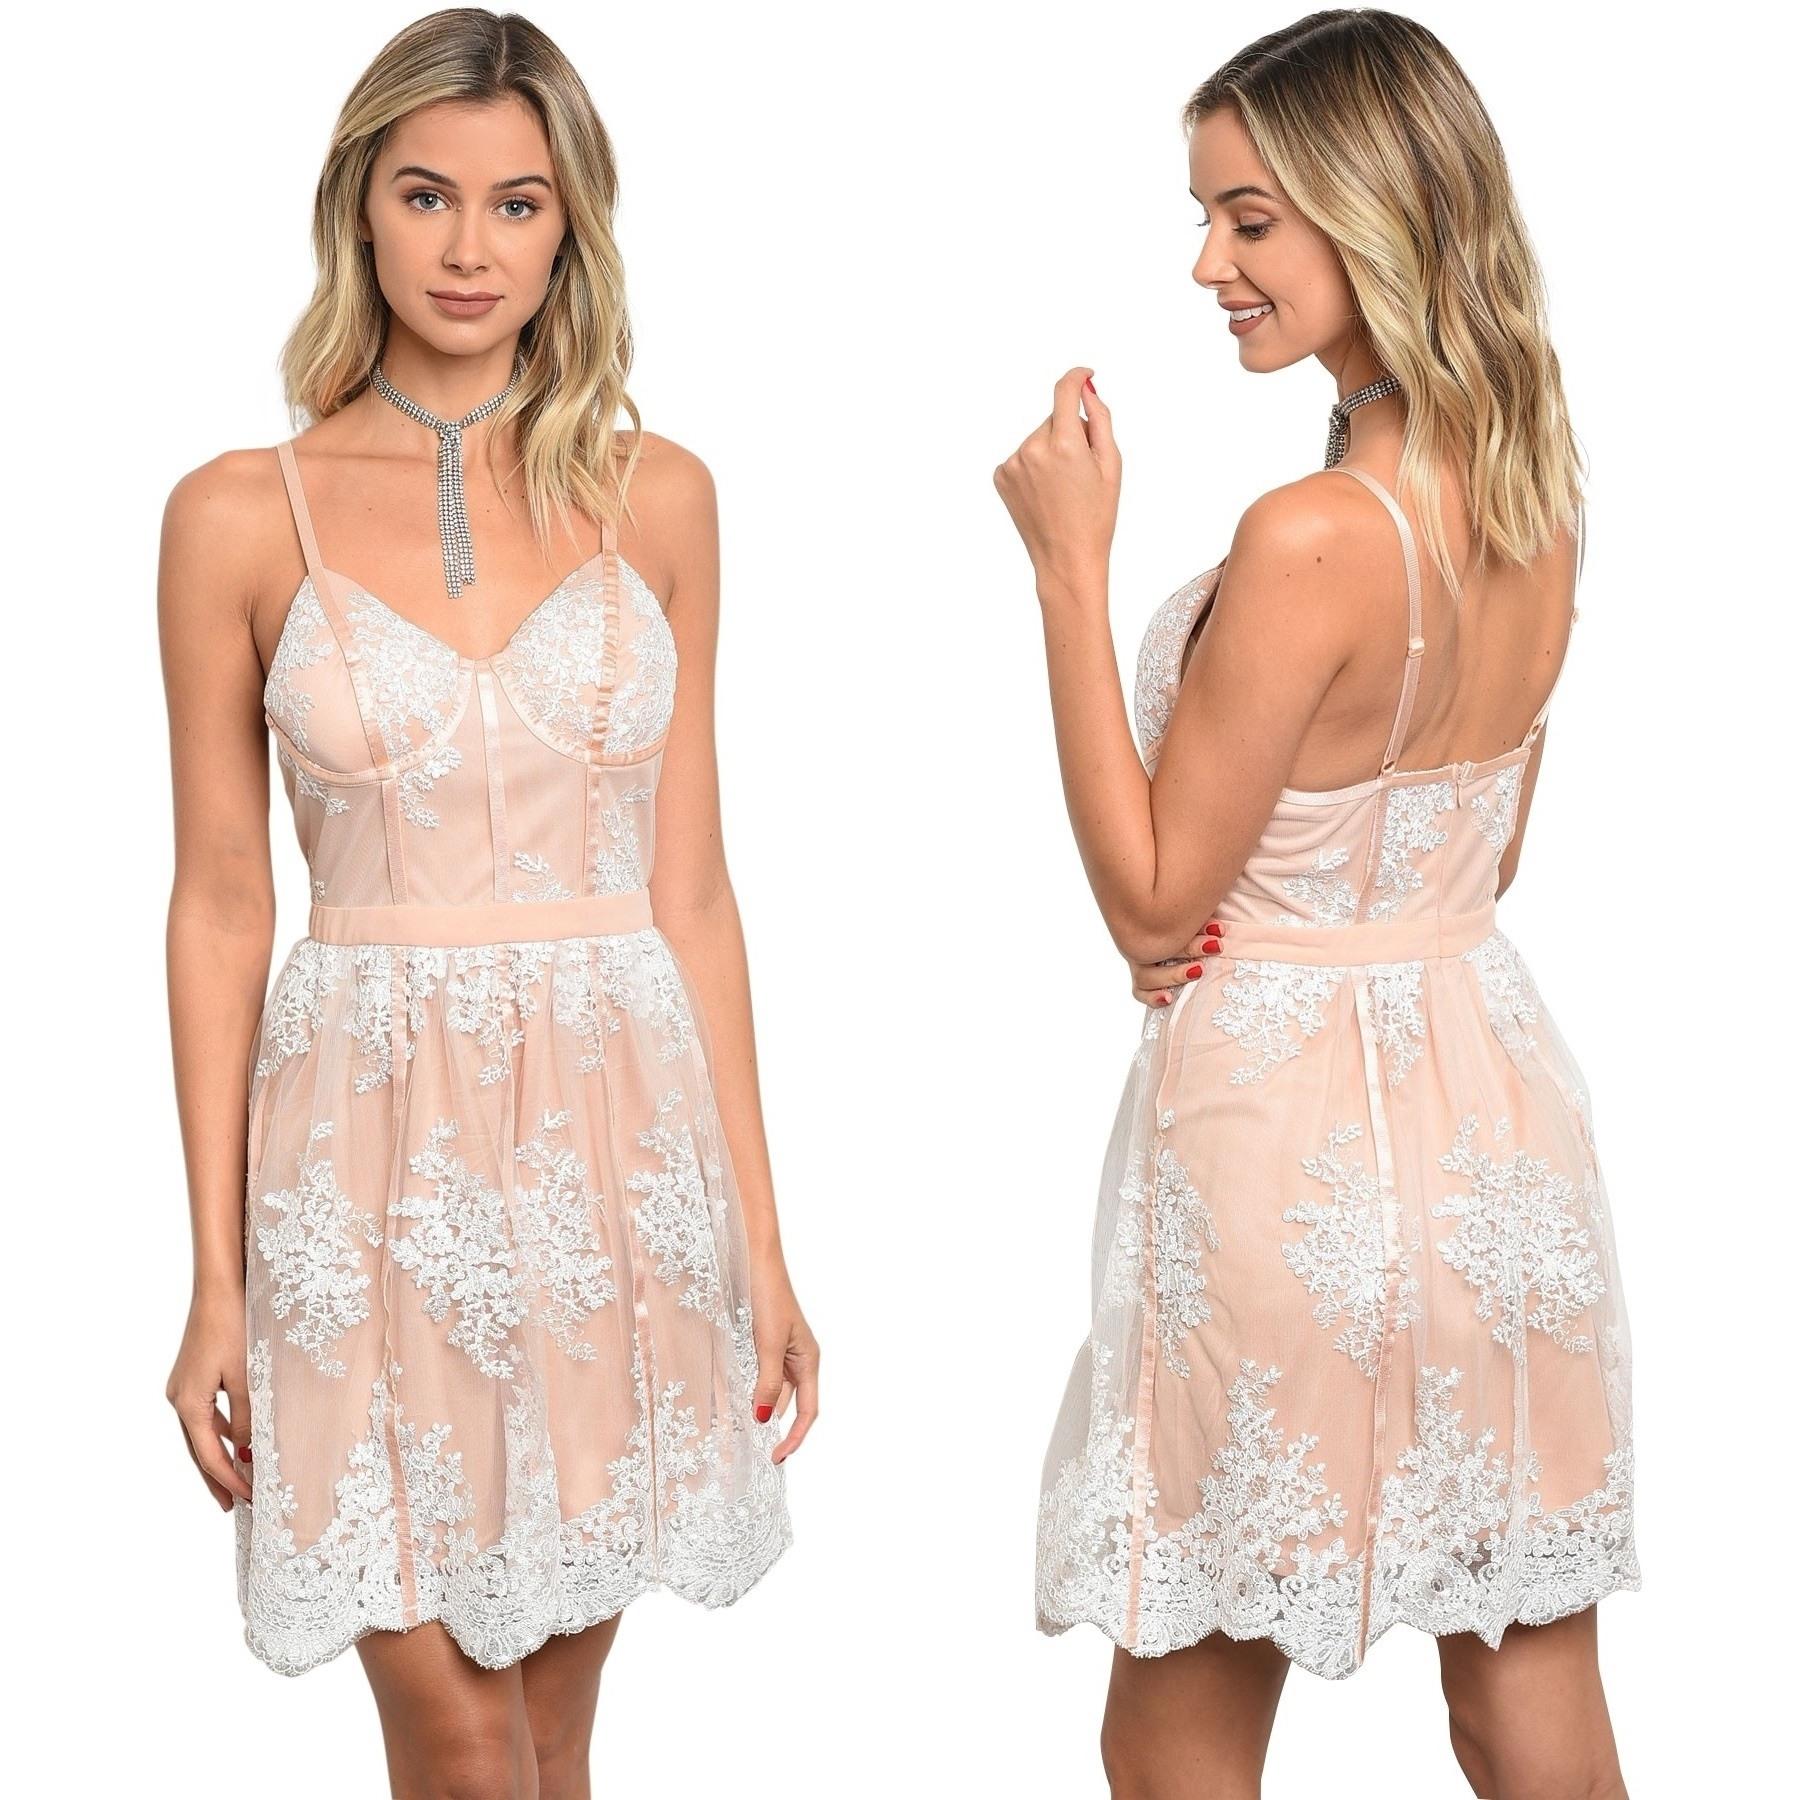 10 Kreativ Kleid Kurz Weiß Spitze ÄrmelDesigner Top Kleid Kurz Weiß Spitze Boutique